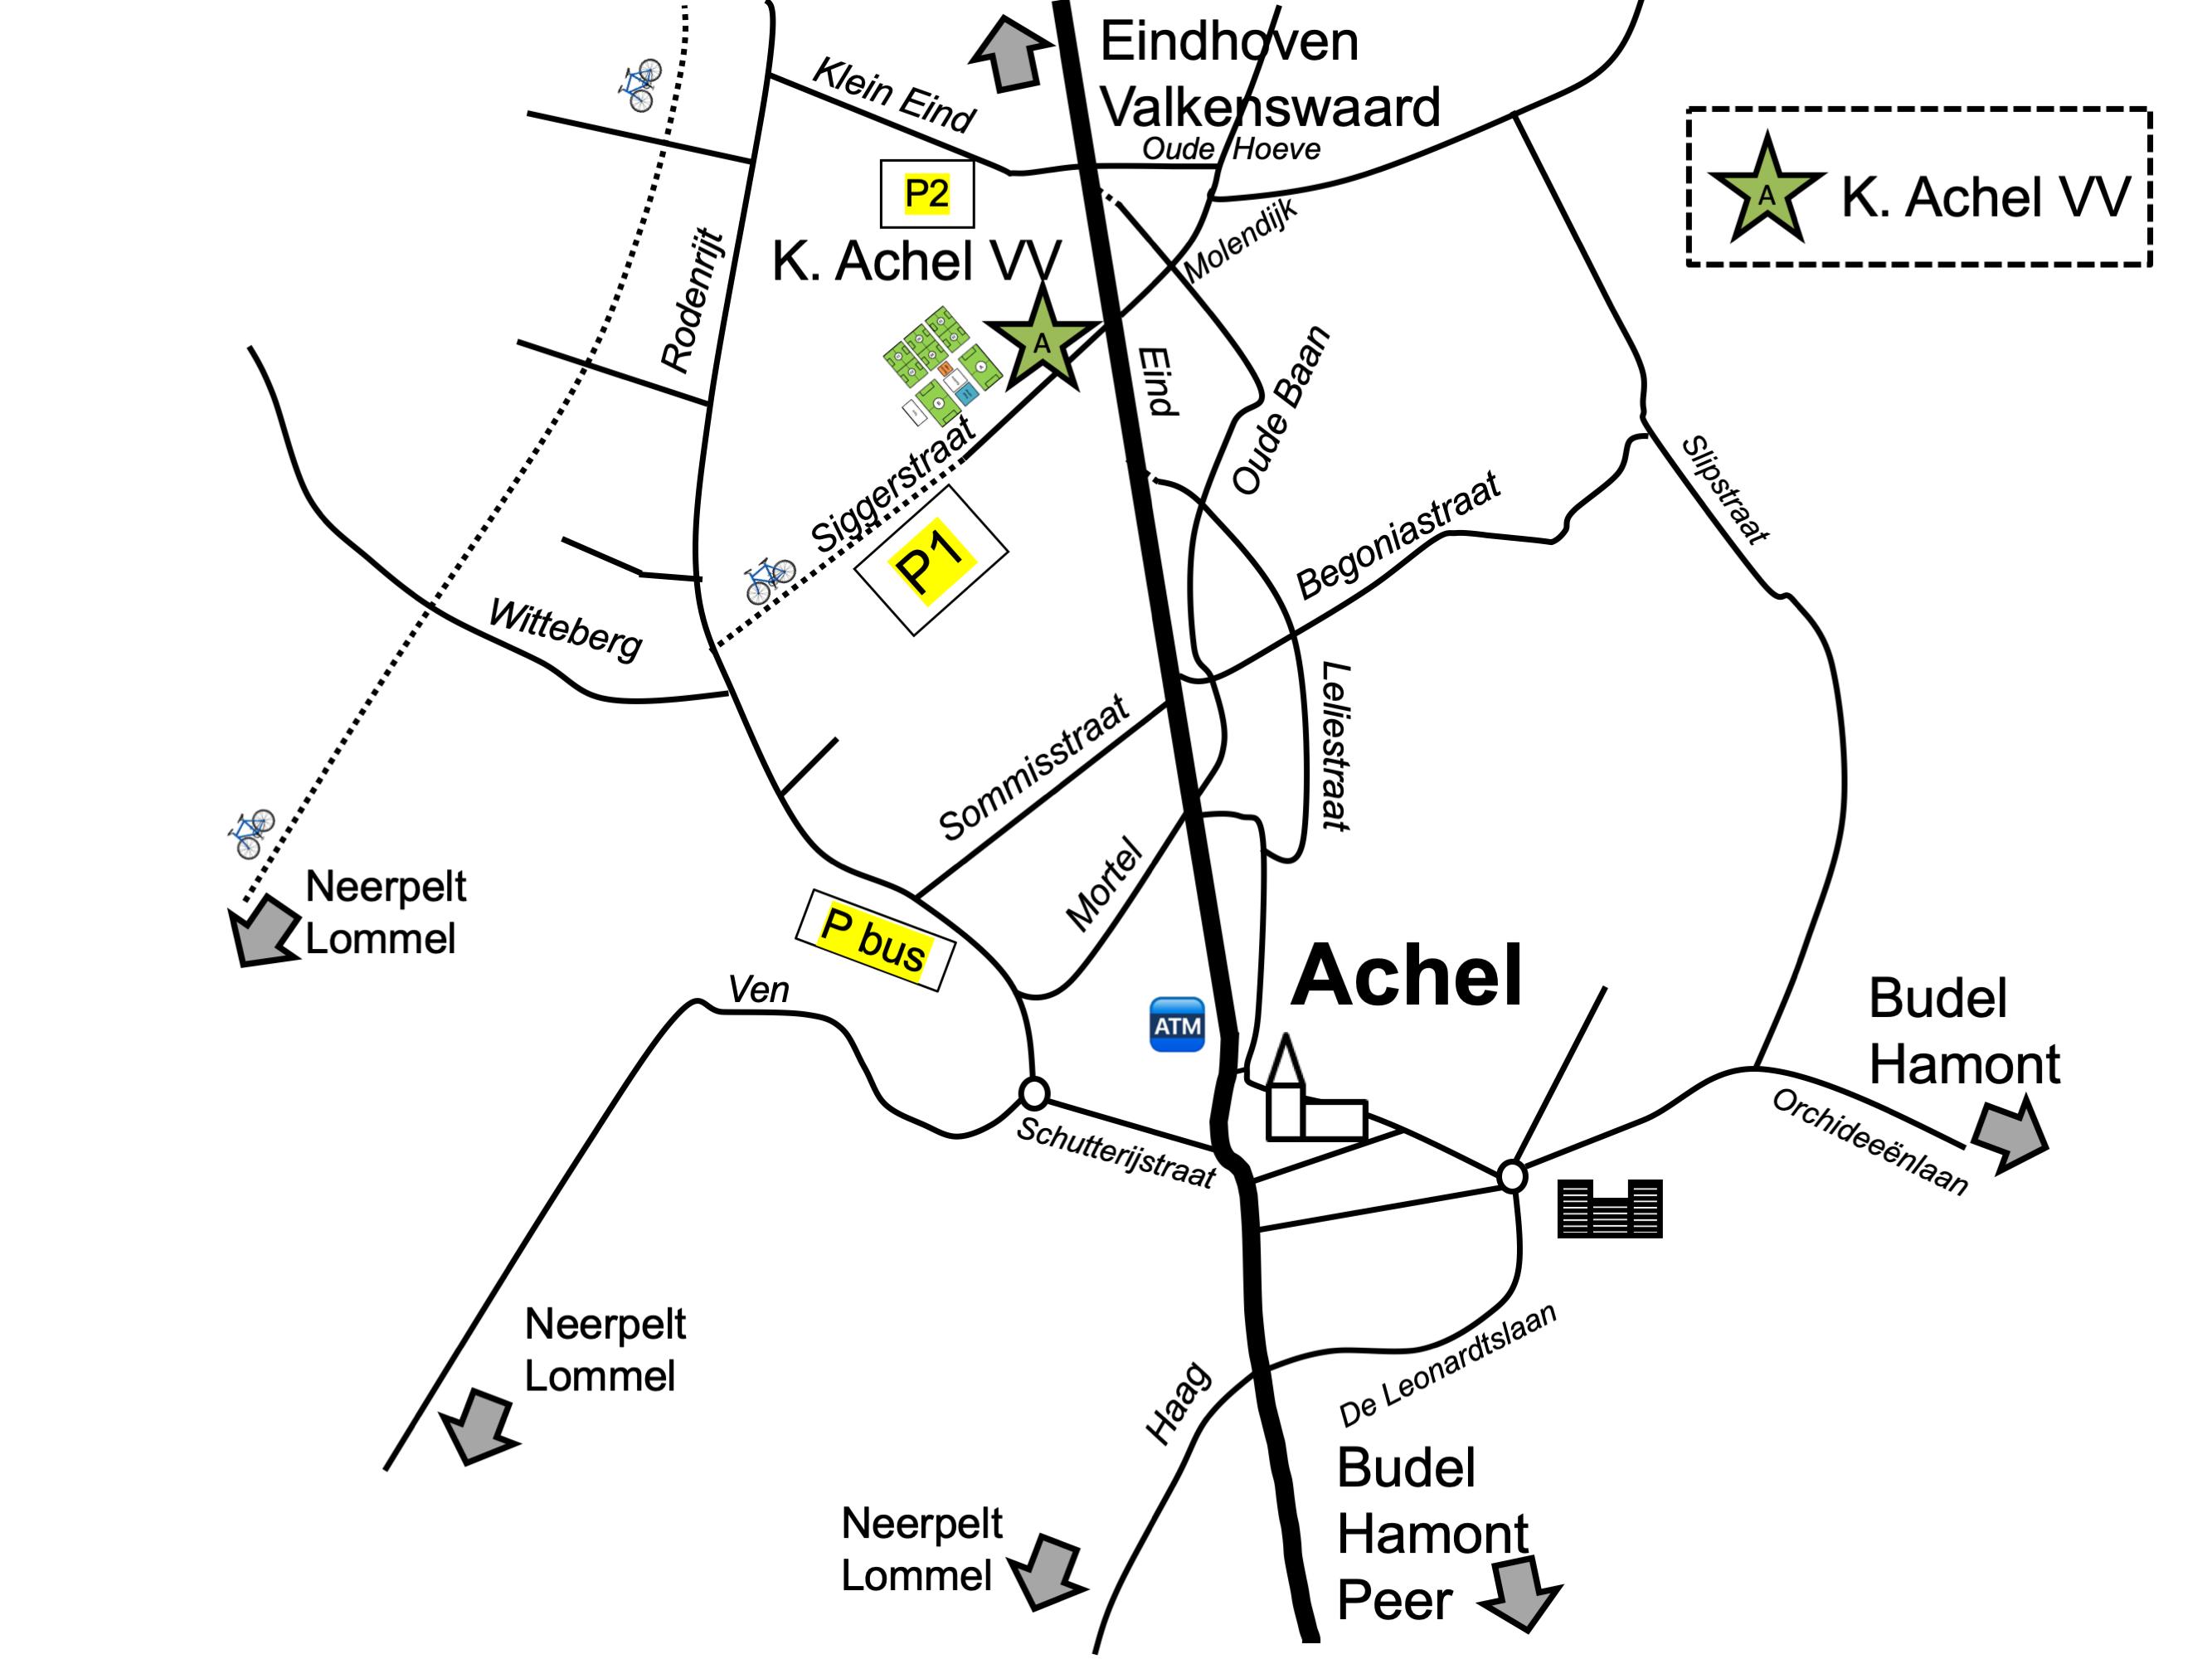 Euro-Cup Locatie Achel